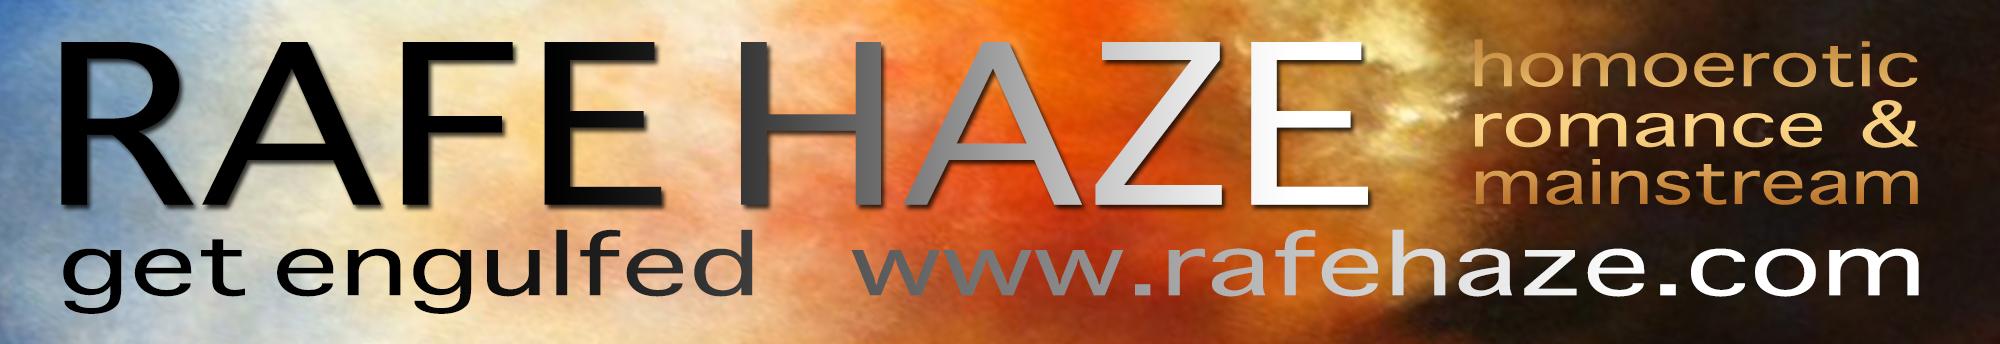 Rafe Haze Horizontal Banner - 2000 pix